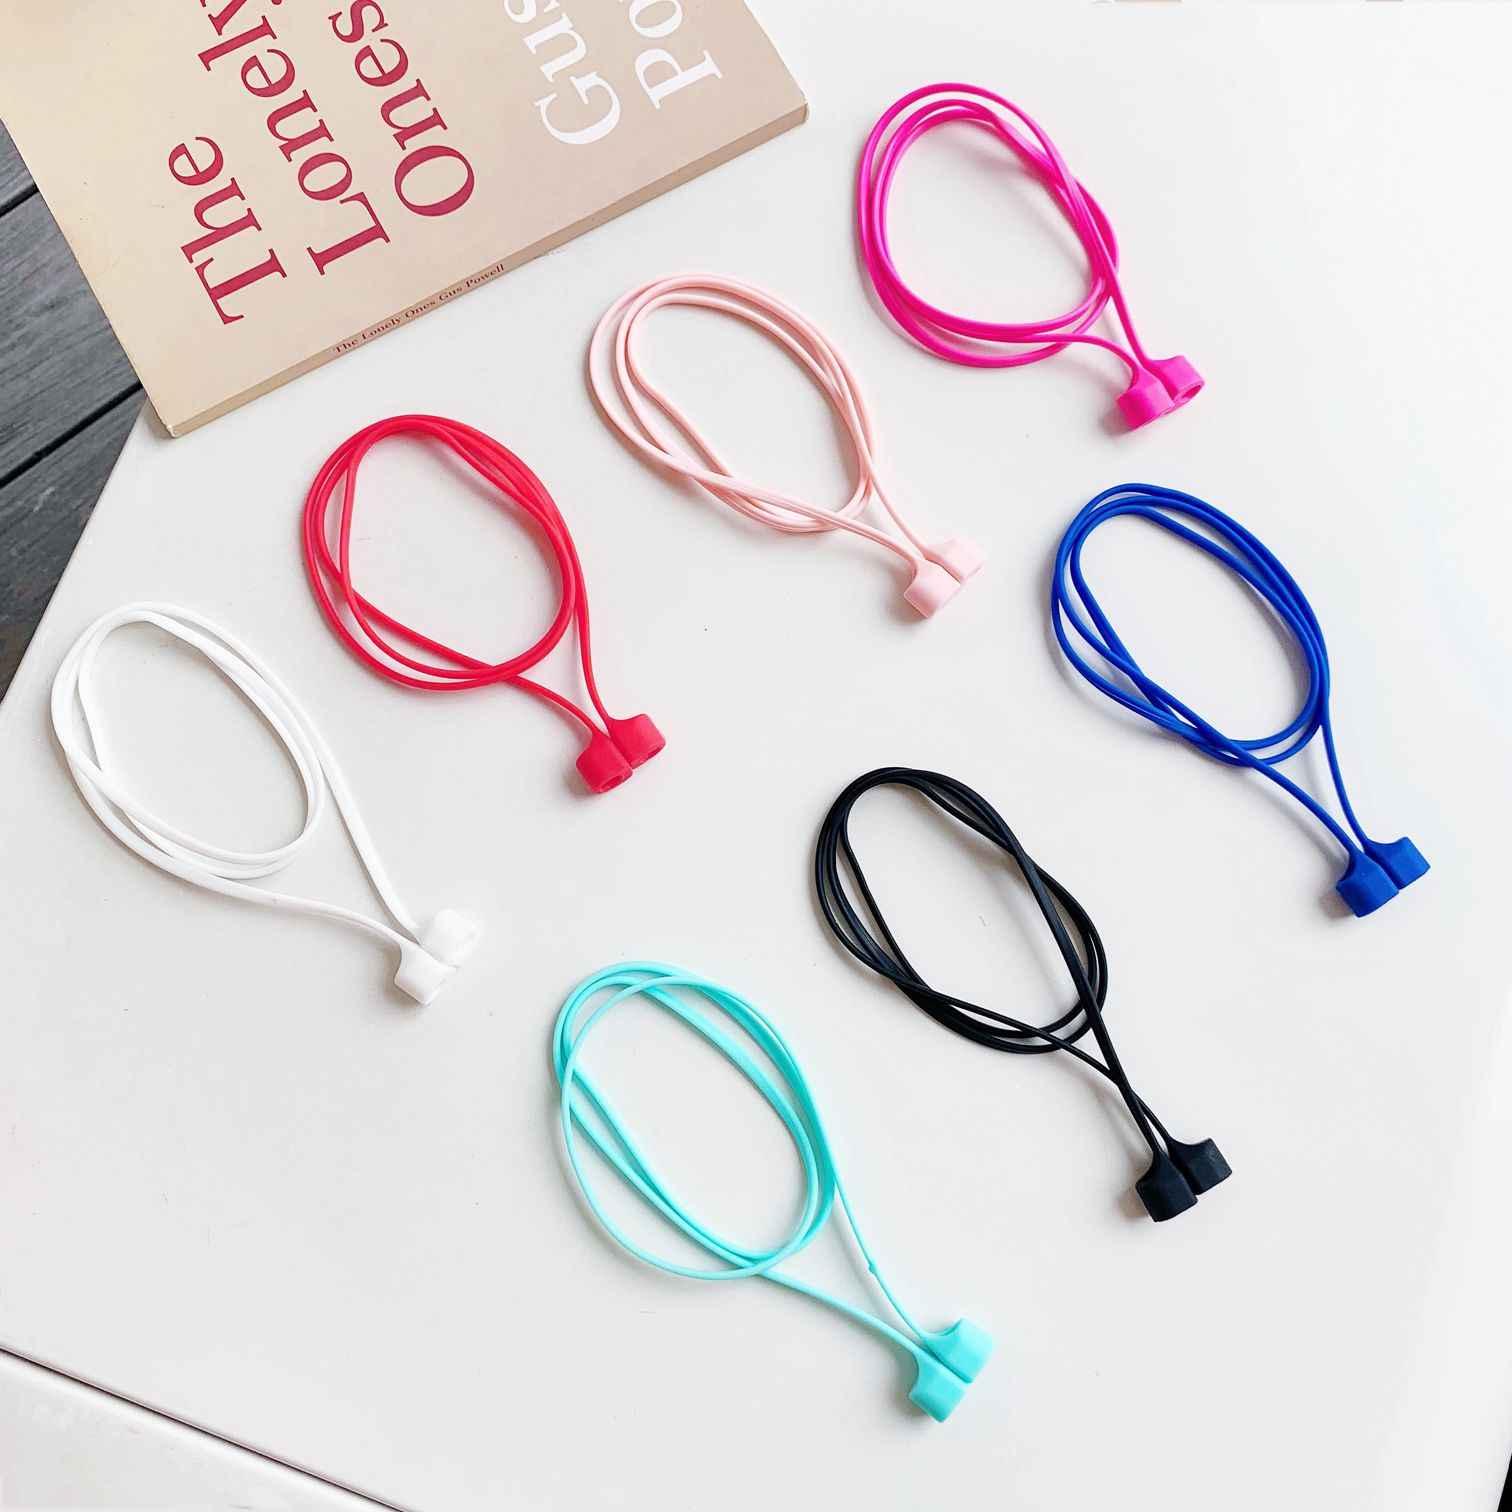 Para airpods, auriculares inalámbricos, cordón antipérdida de silicona para airpods i12 i9s tws i7 i10 i11 i30, Correa magnética anti-perdida